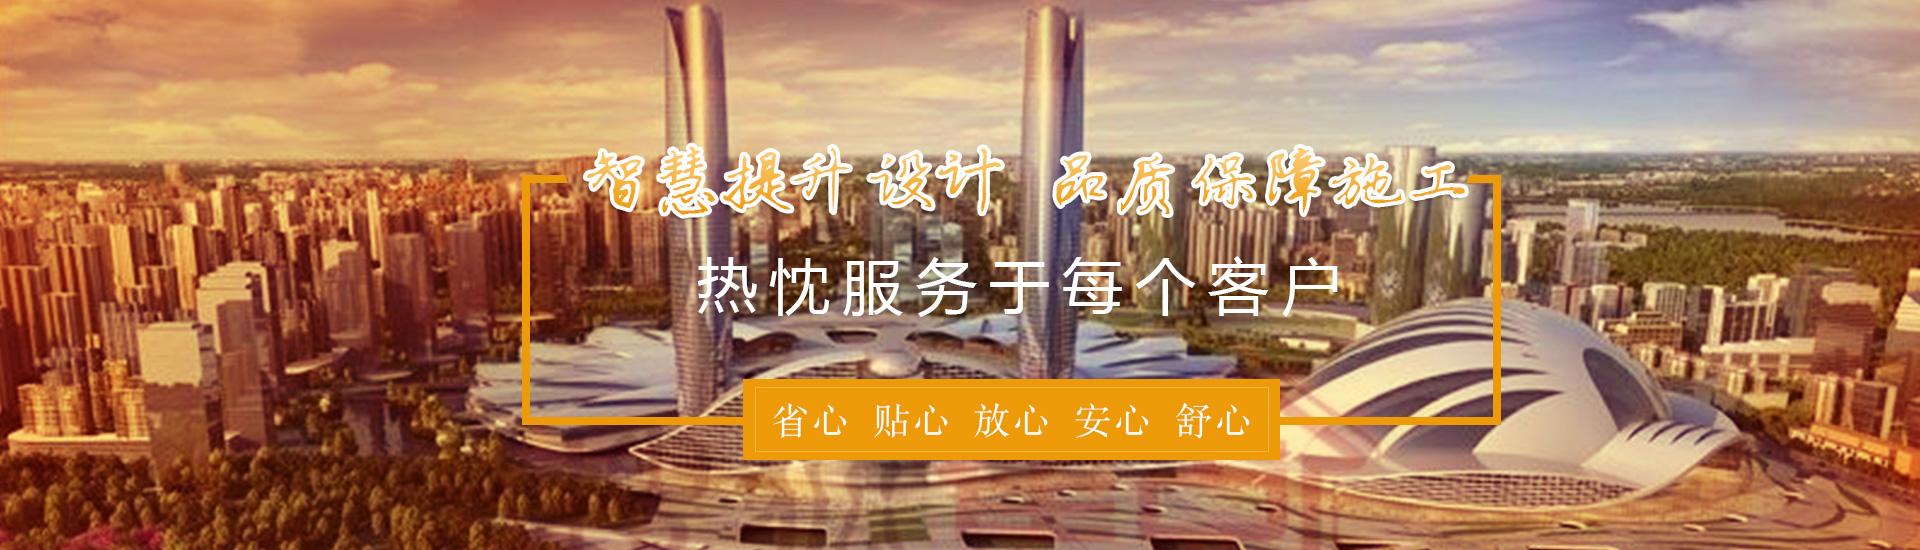 武汉市展台搭建制作工厂